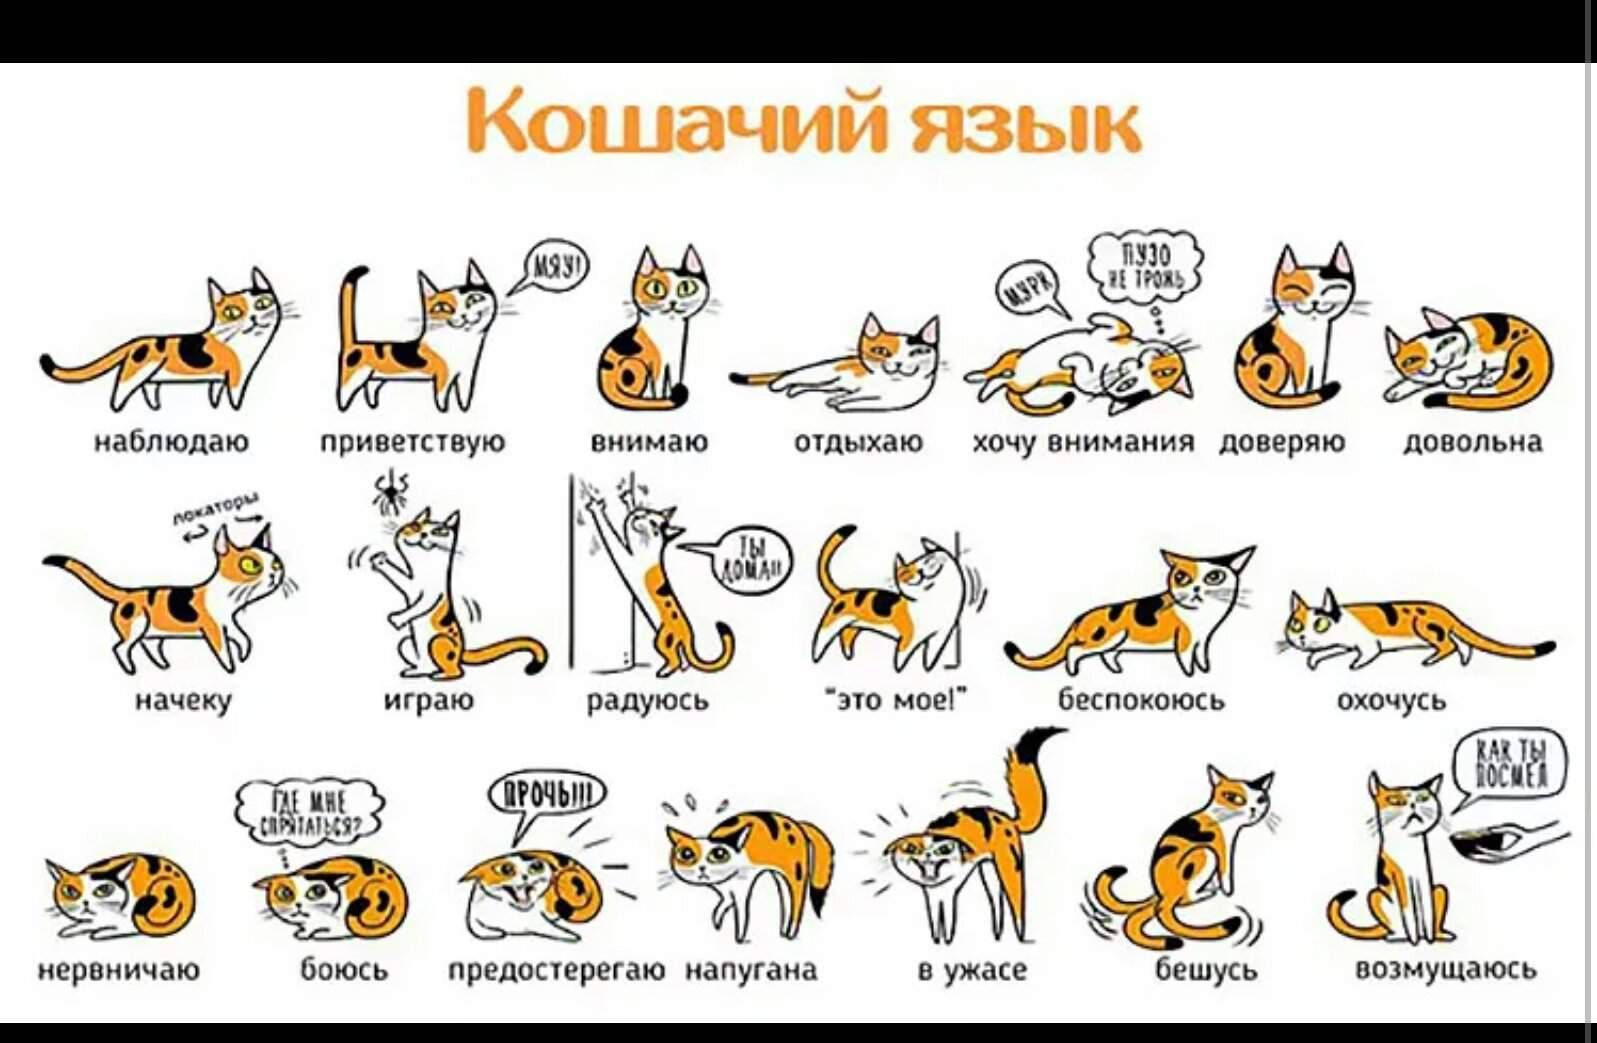 Перевод с кошачьего языка » kuguarlend